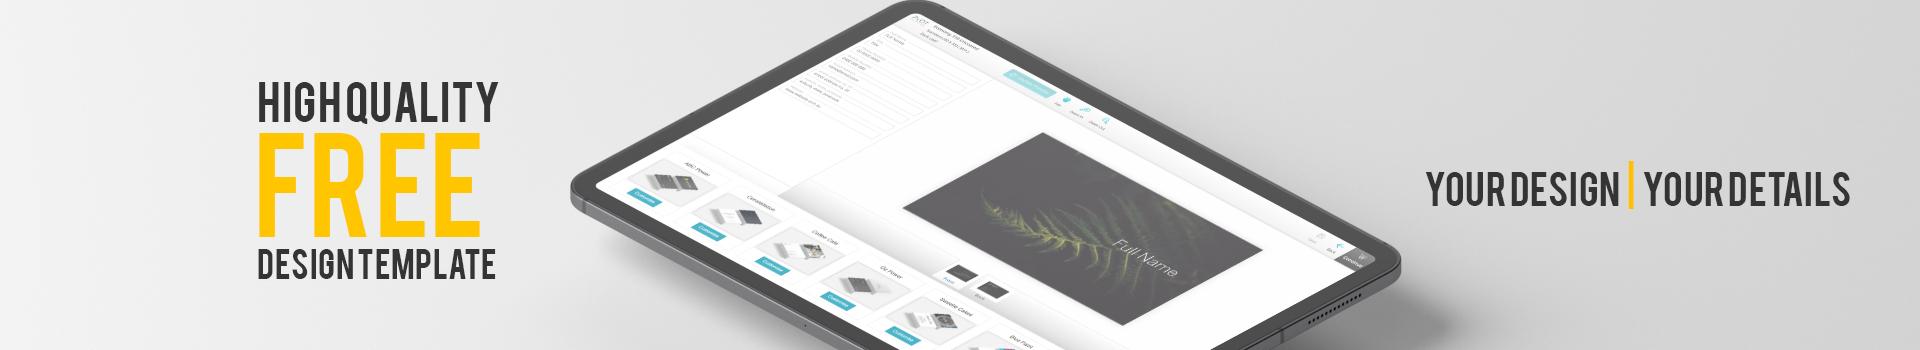 FREE Online Design